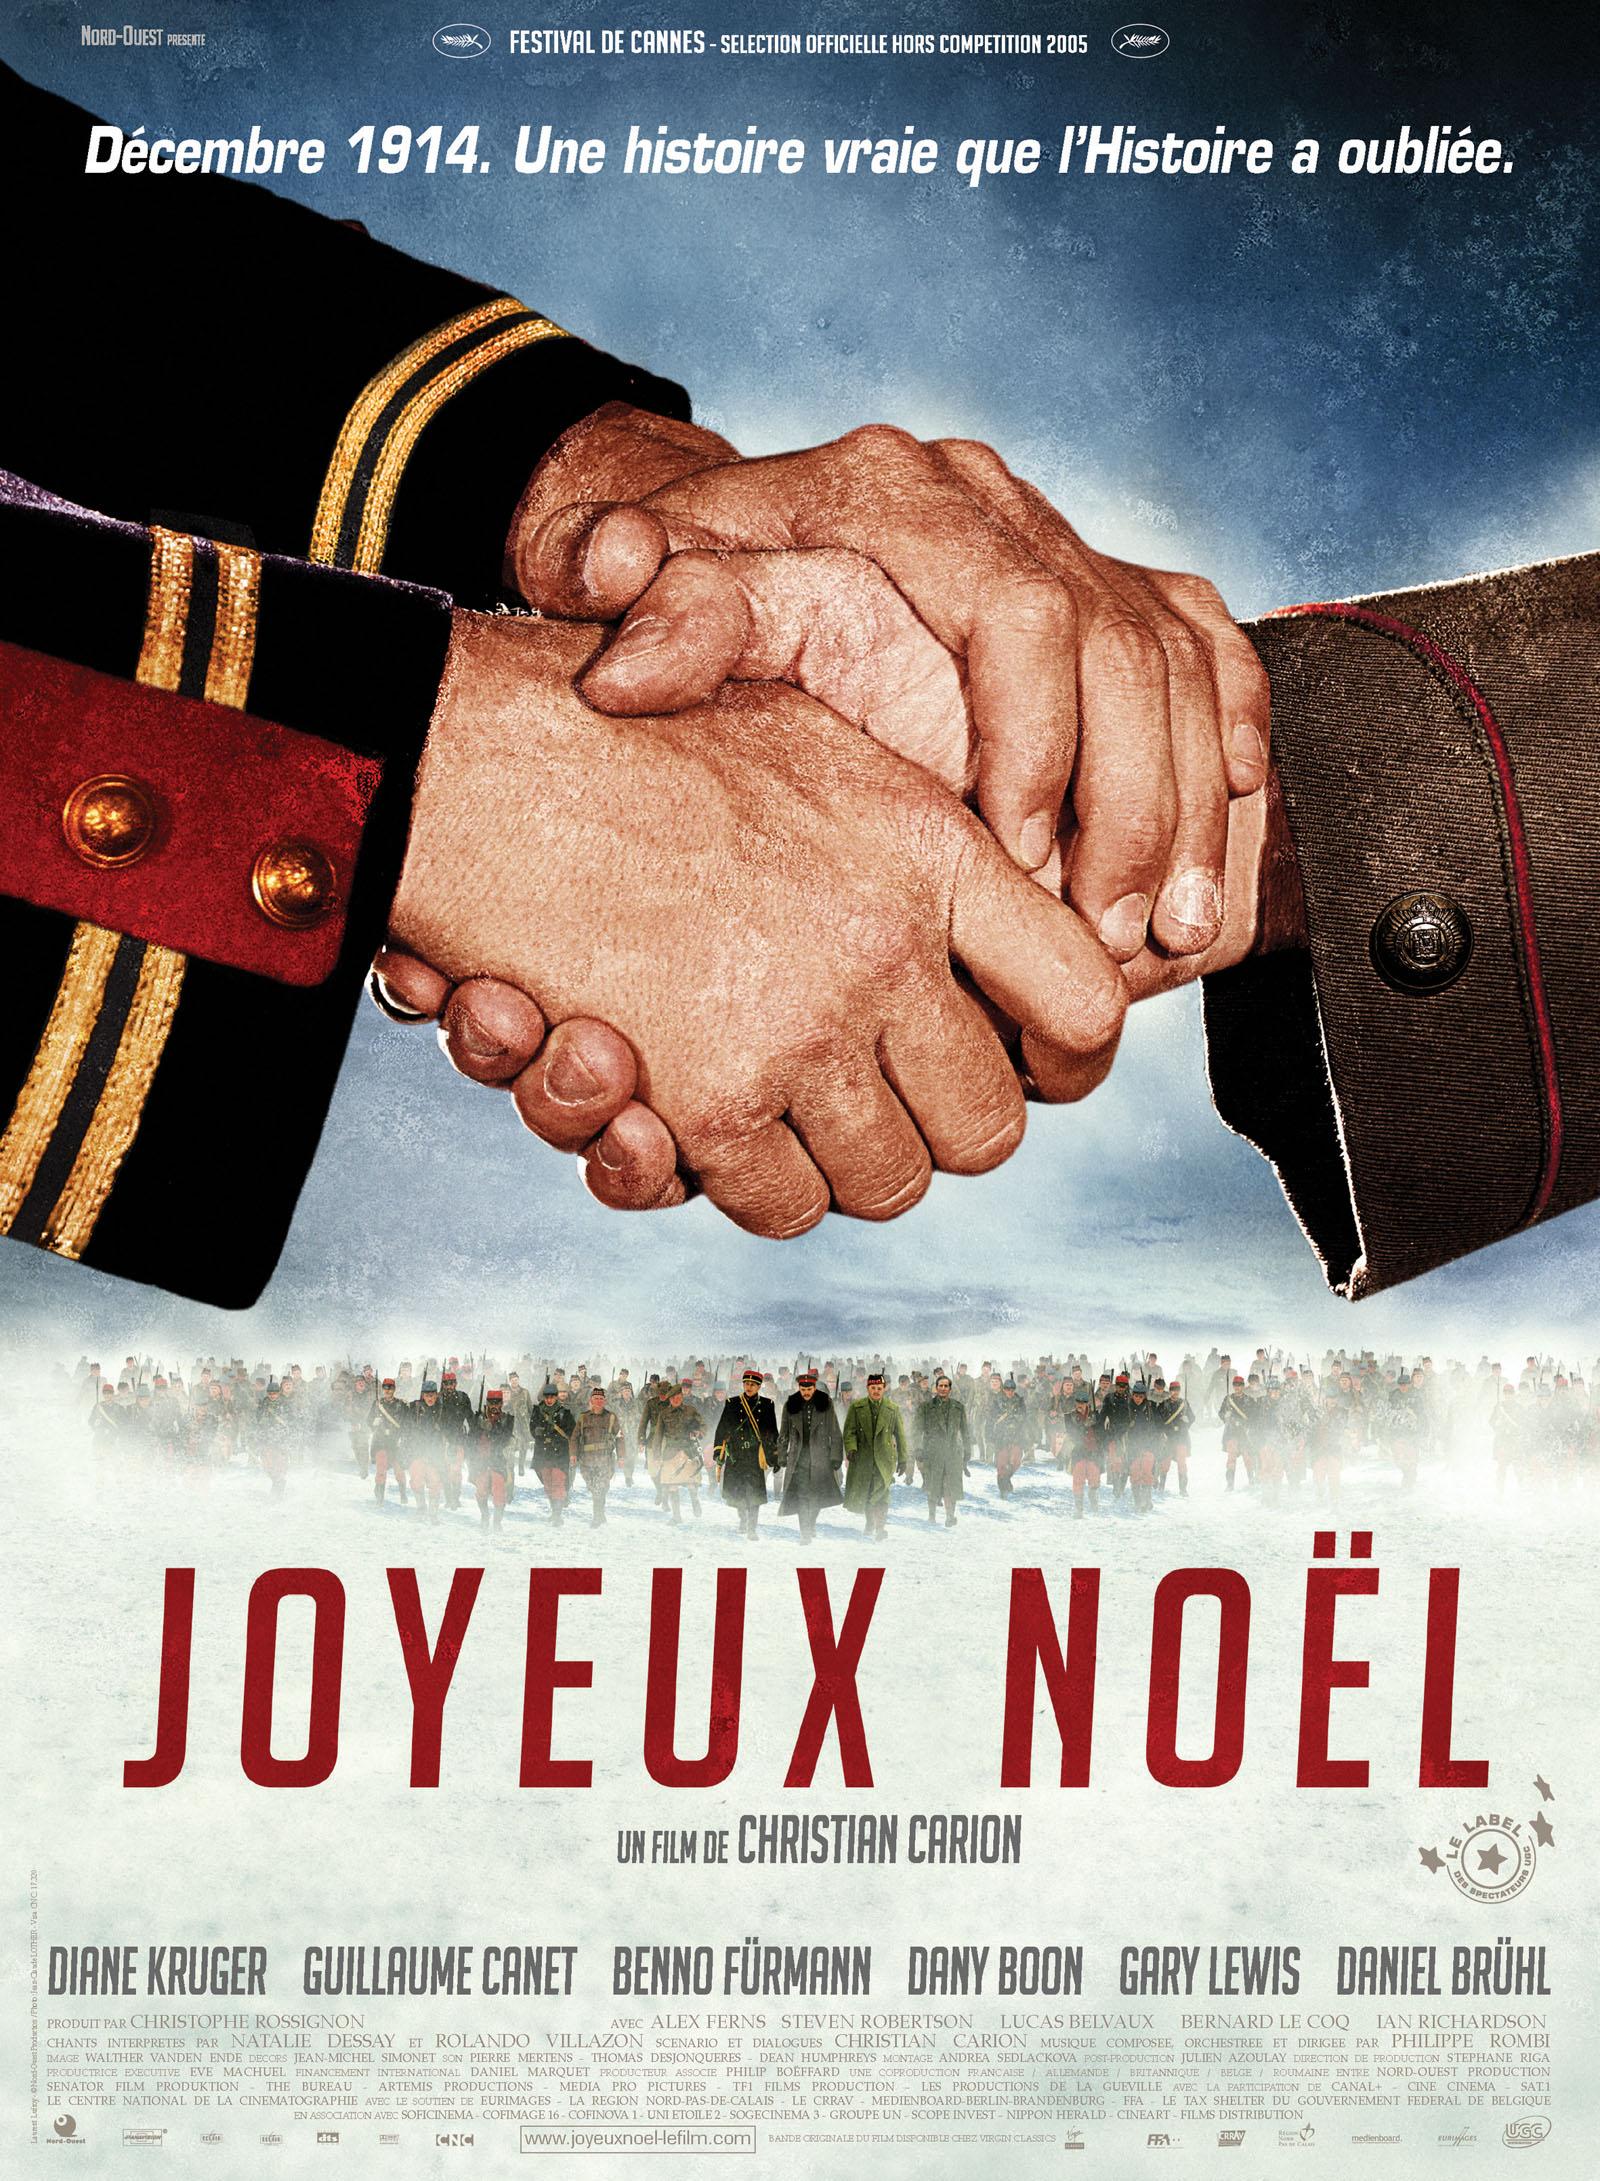 Joyeux Noel Streaming.Joyeux Noel Film 2005 Allocine